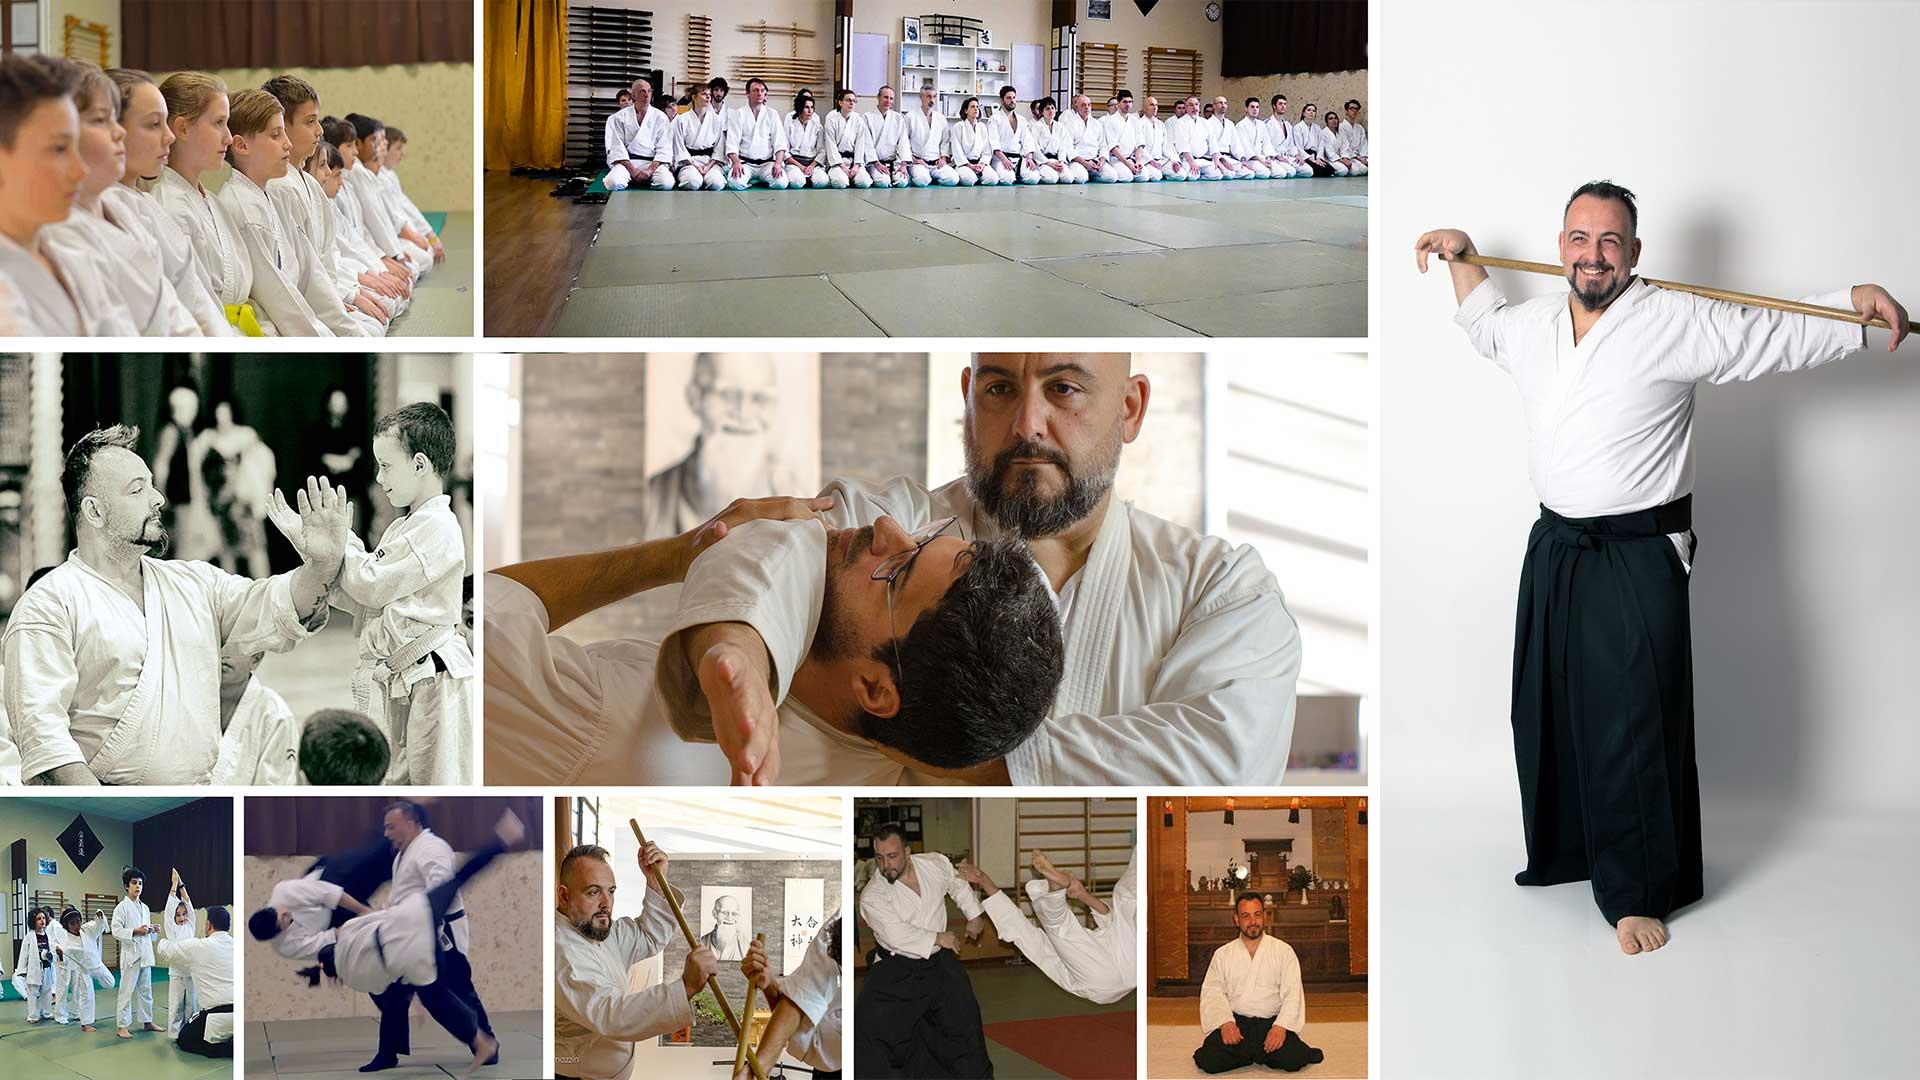 Collage Foto Fabio Ramazzin mentre pratica aikido sia a corpo libero che con le armi spada e bastone di legno